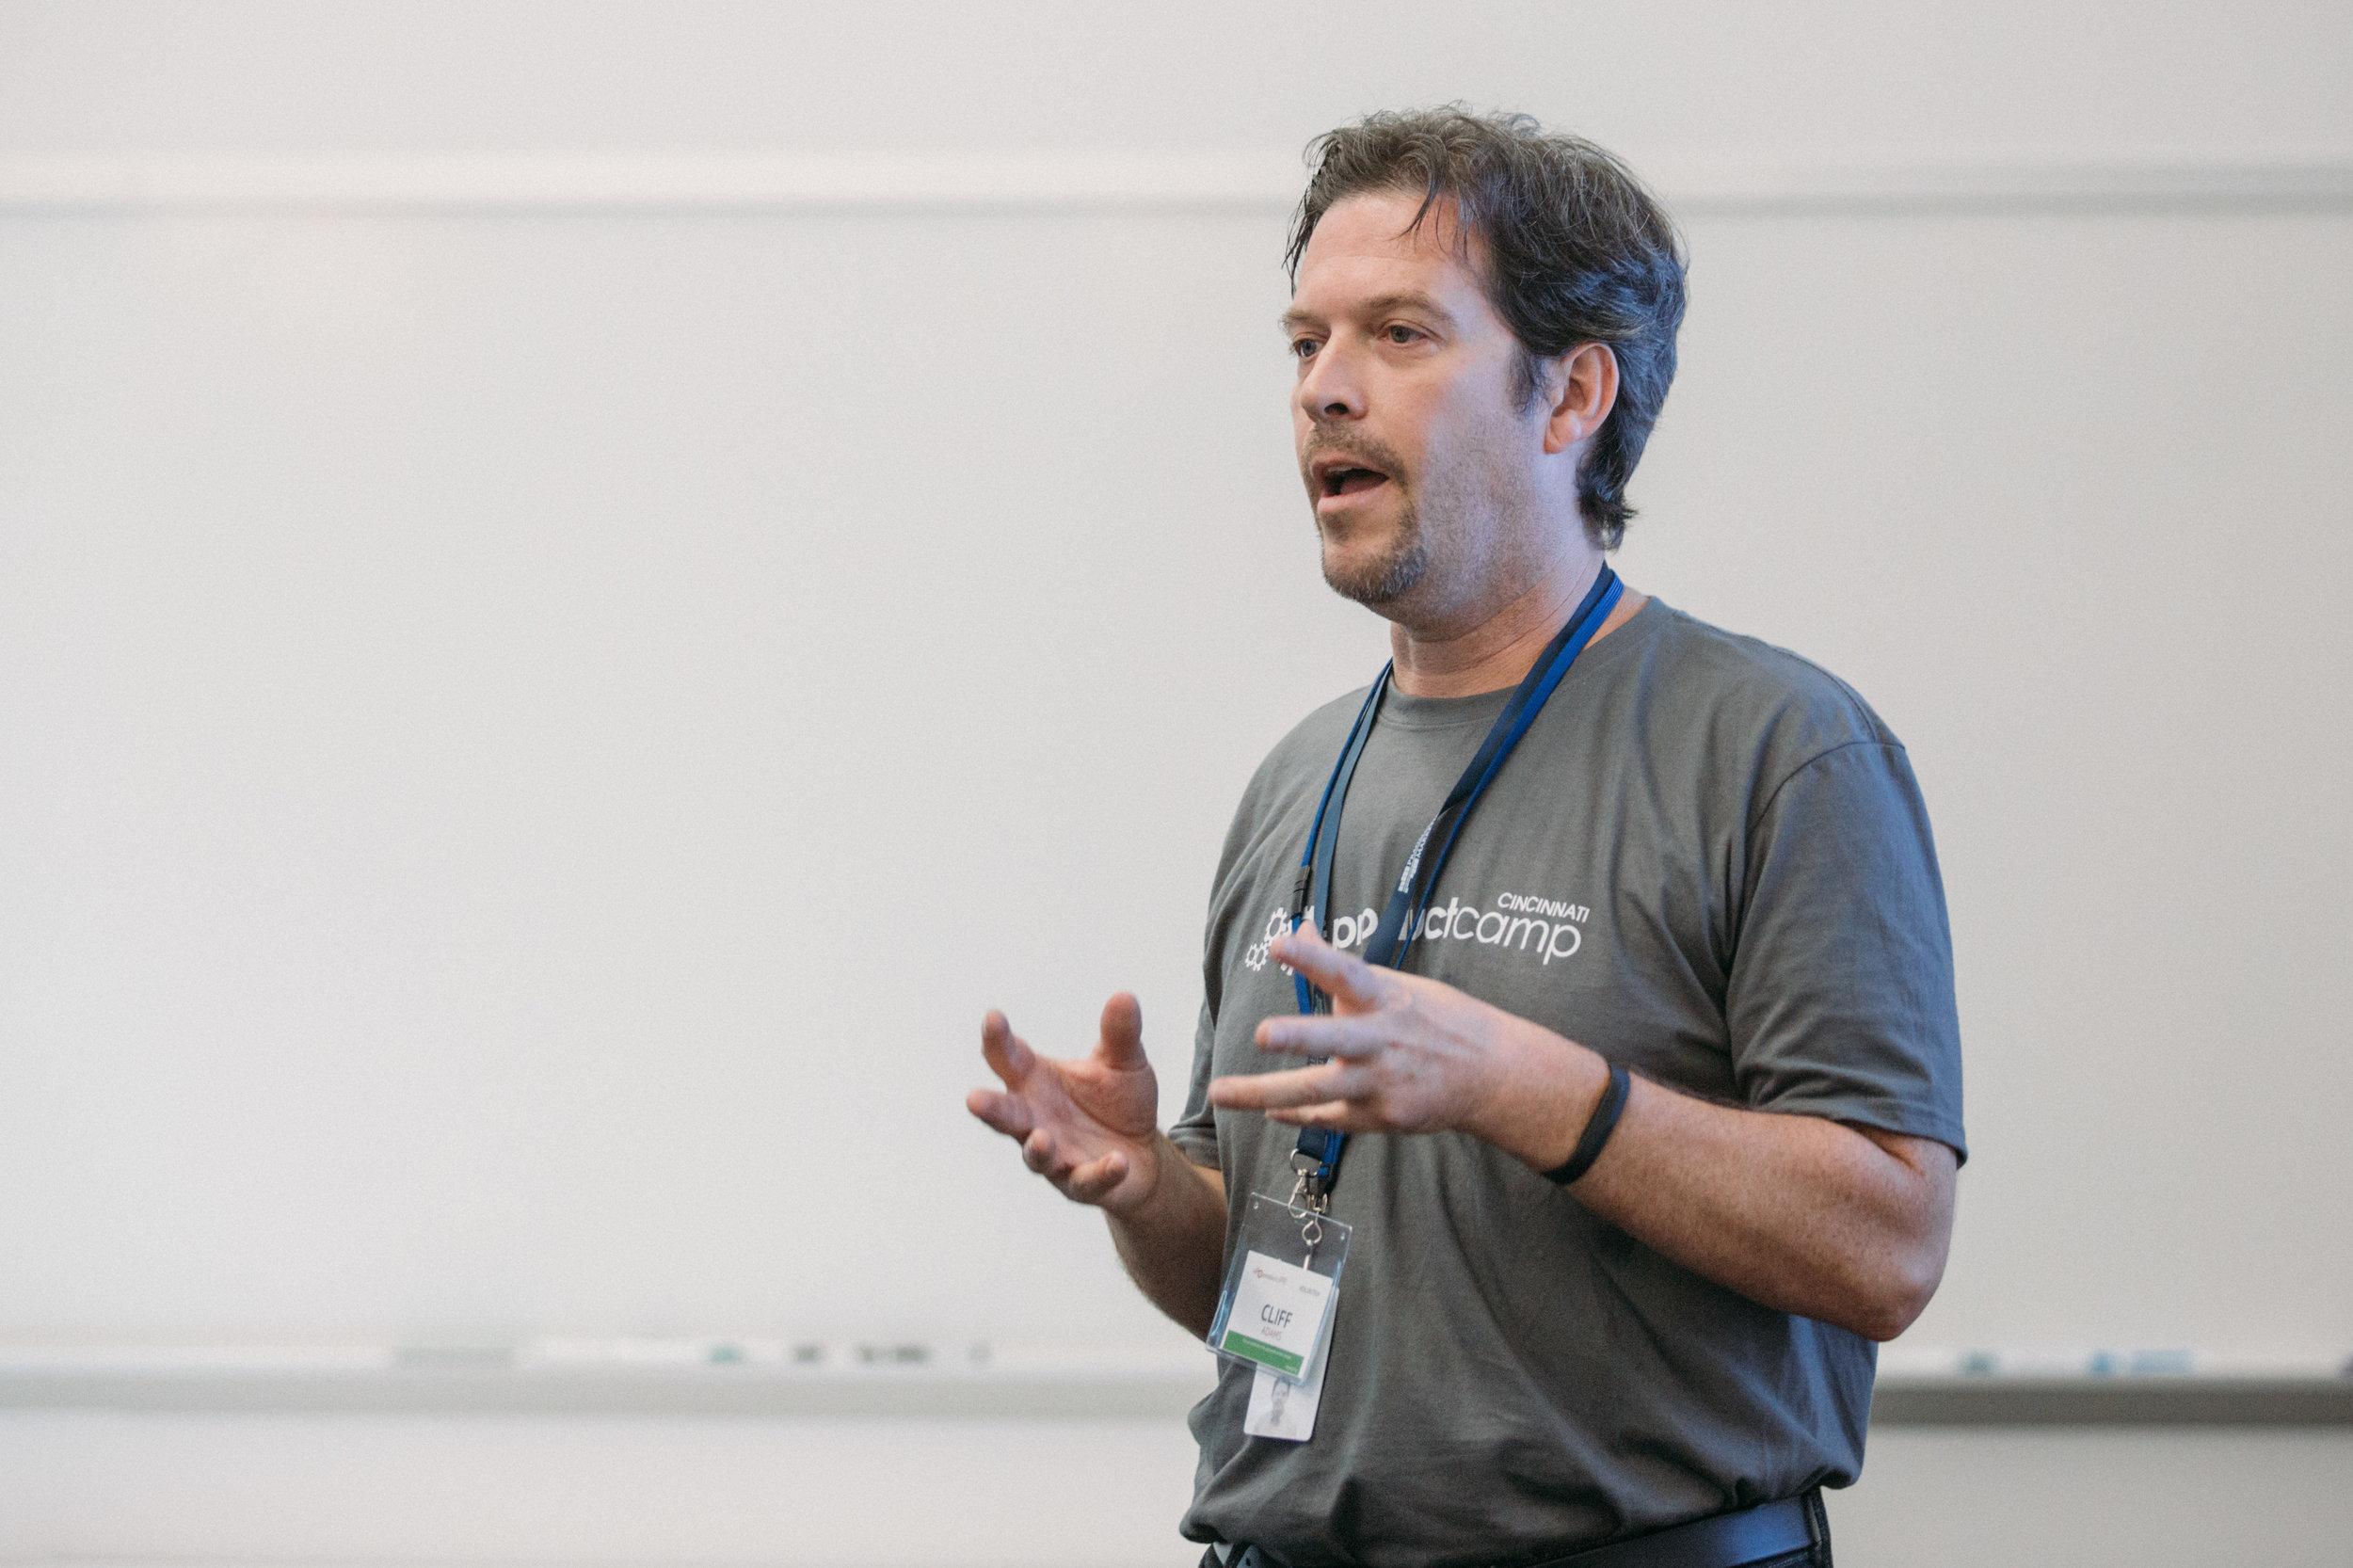 ProductCamp Cincinnati Clifford Adams Speaking.JPG